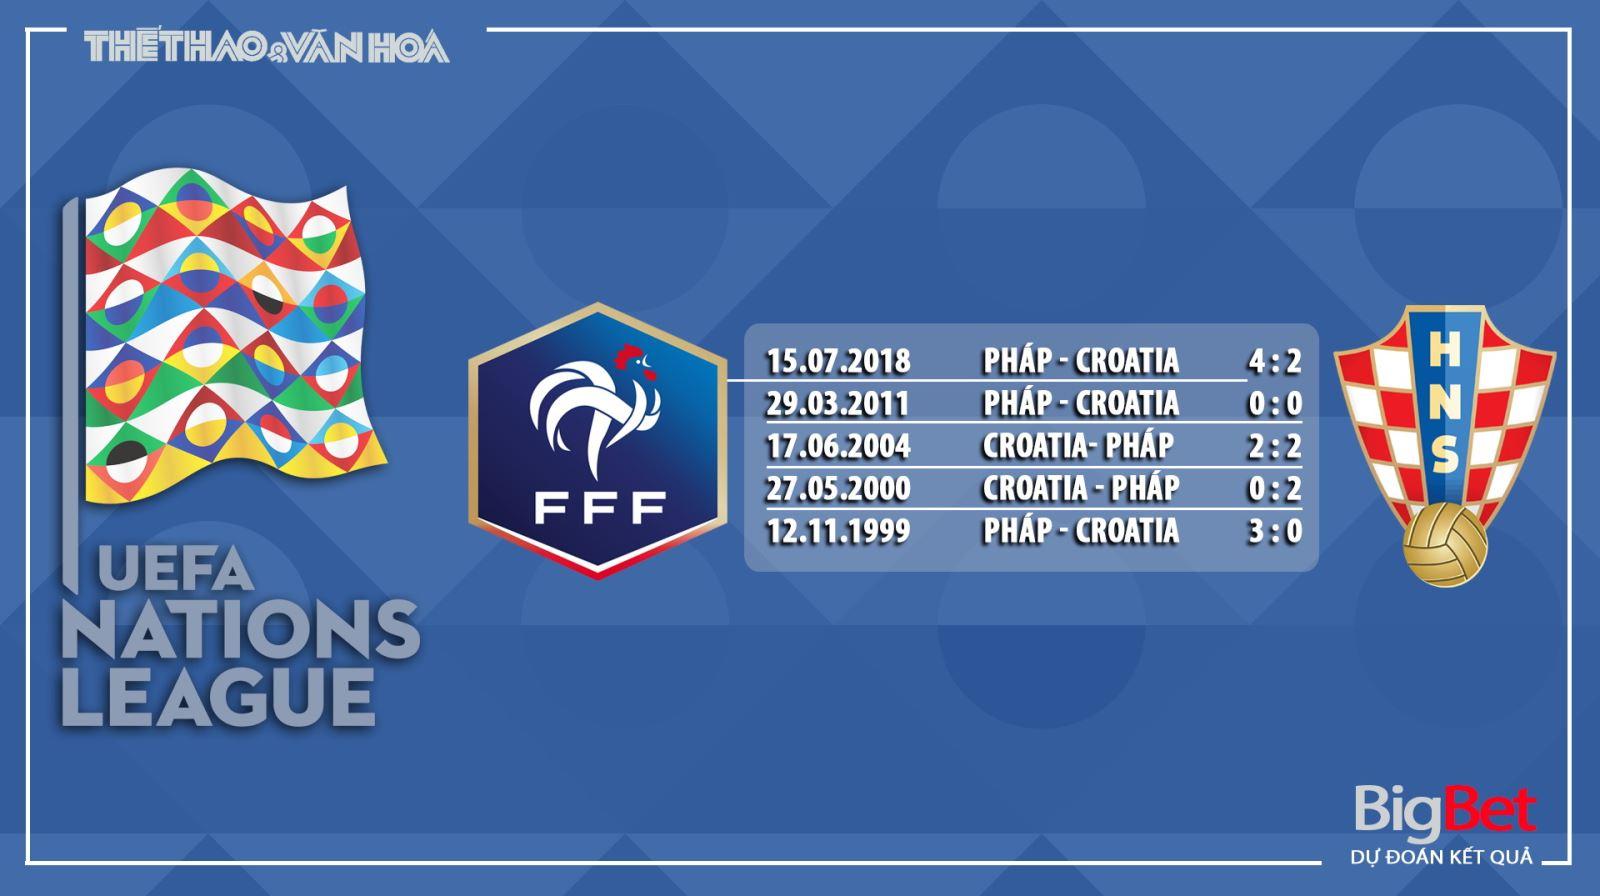 Soi kèo Pháp vsCroatia, Pháp, Croatia, trực tiếp bóng đá, trực tiếp Pháp vsCroatia, nhận định, kèo bóng đá, UEFA Nations League